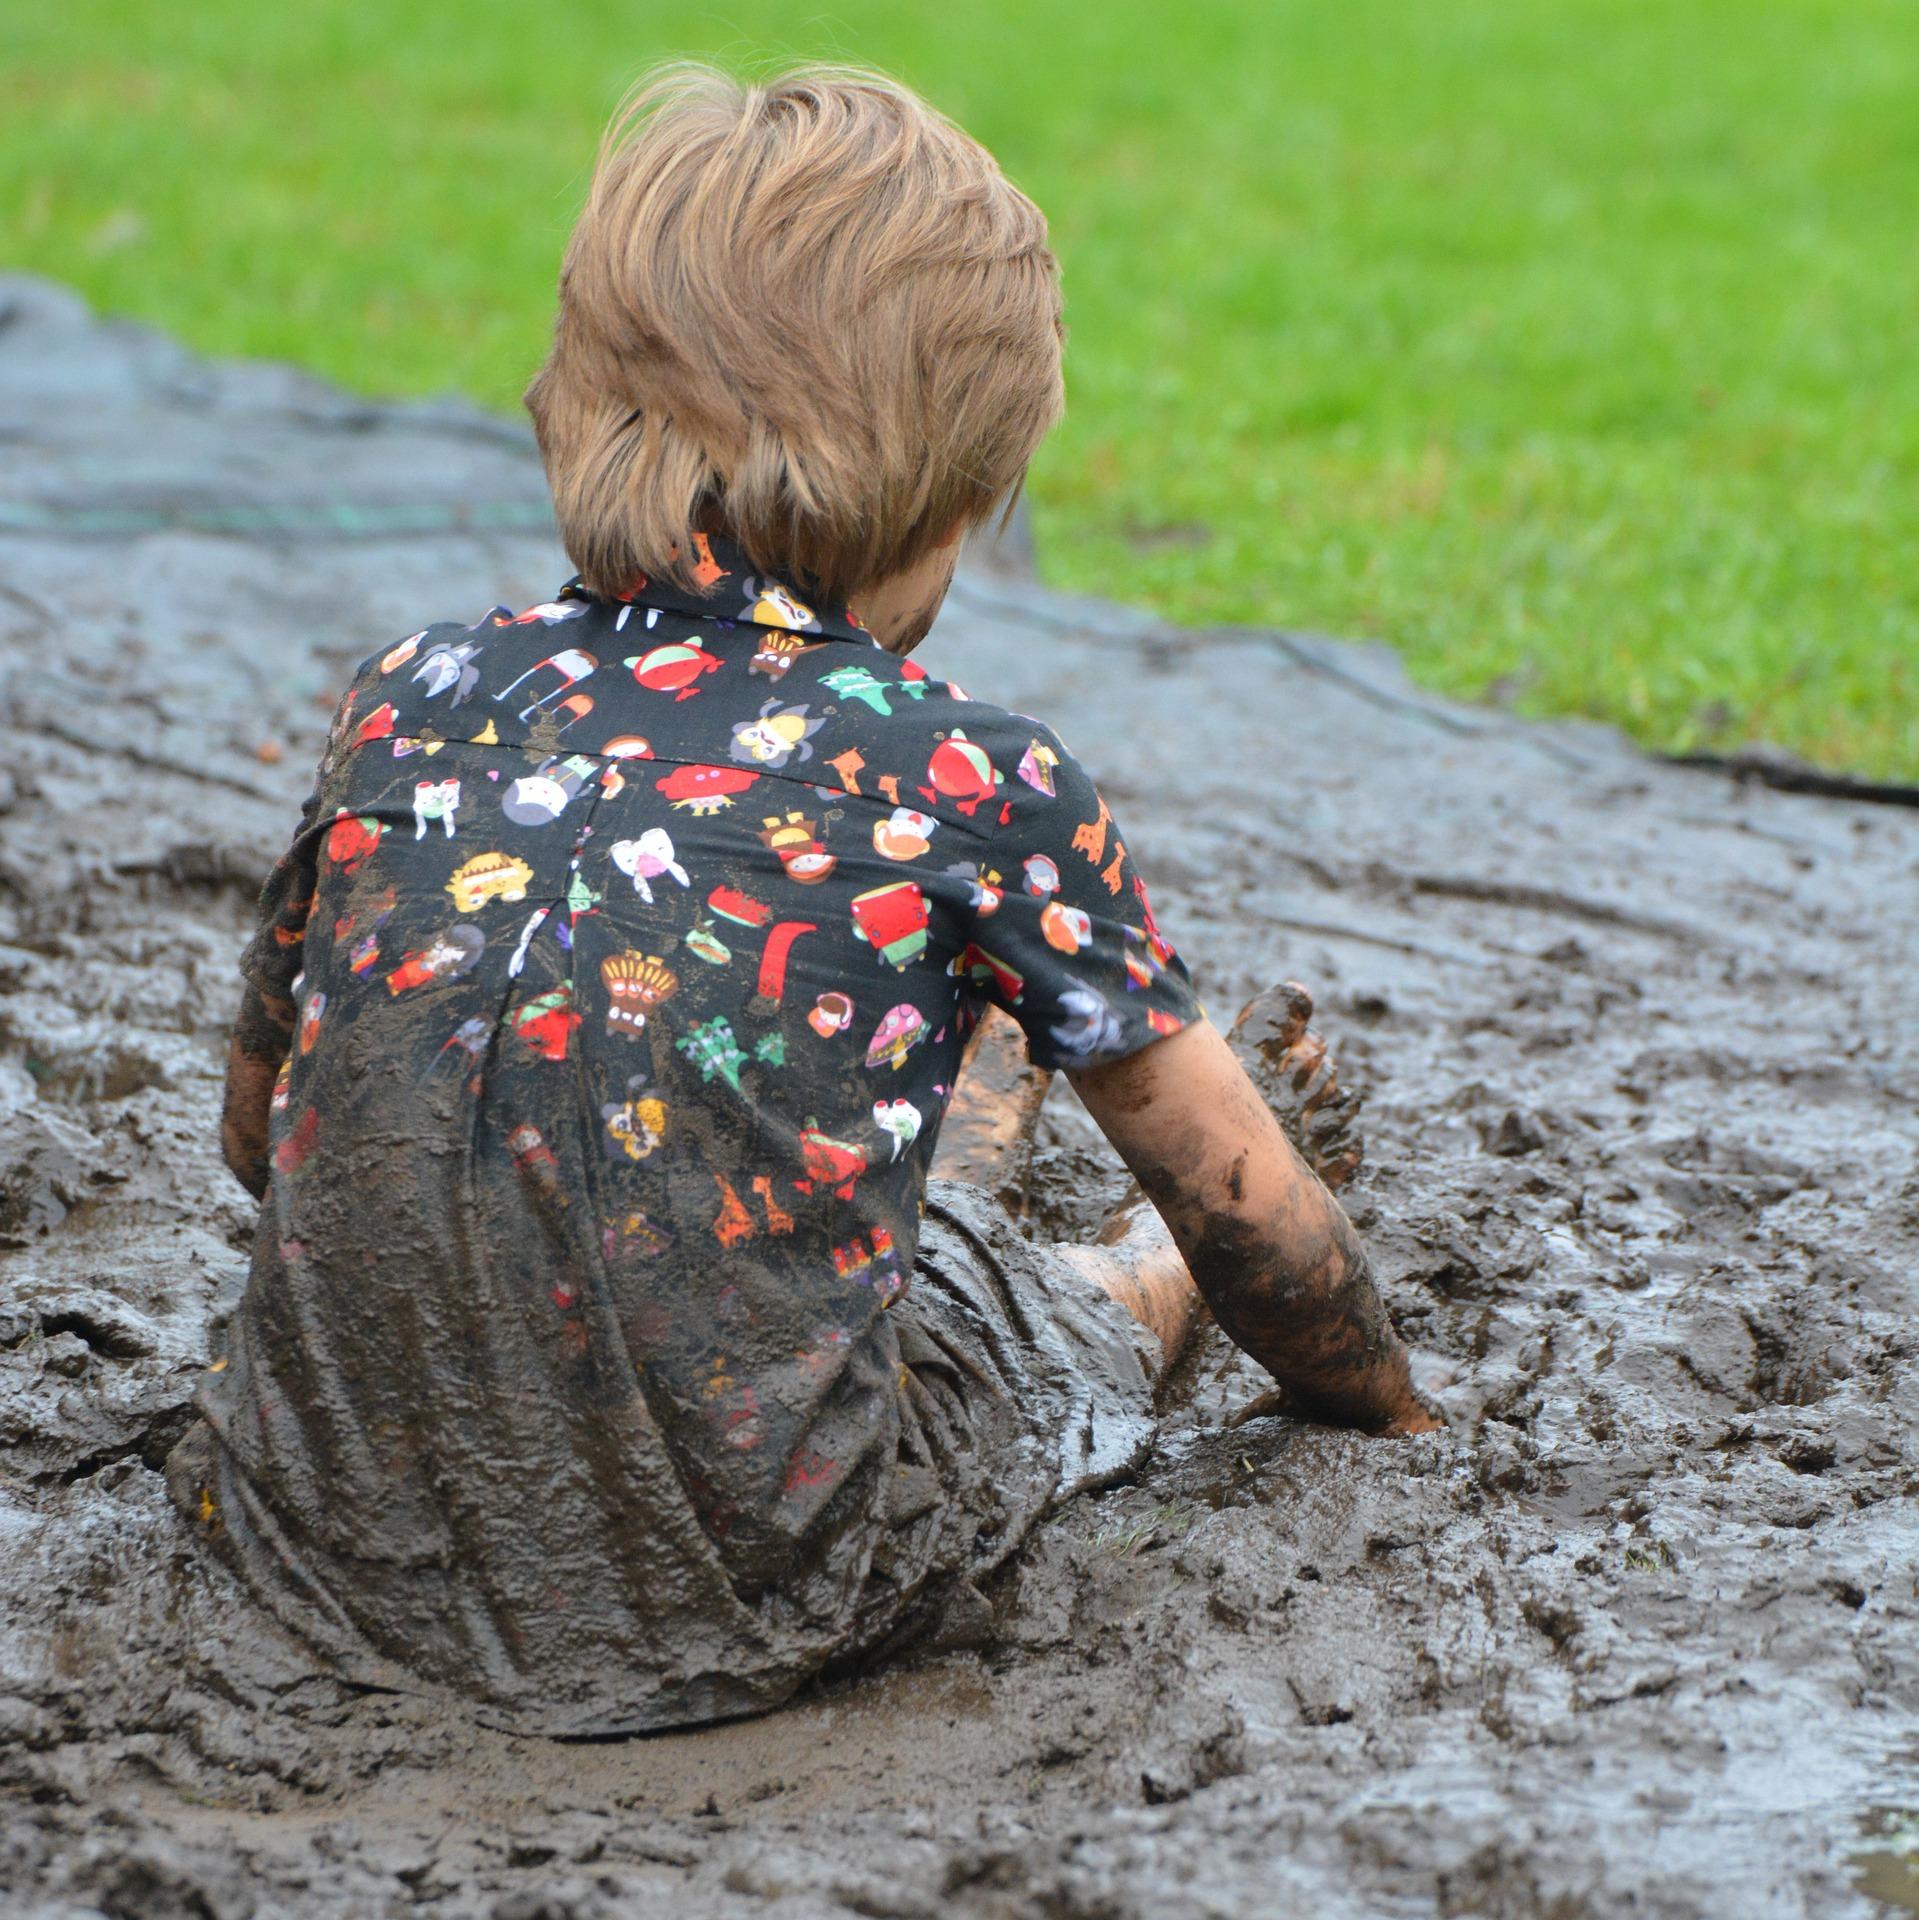 Les bienfaits de laisser nos enfants se salir